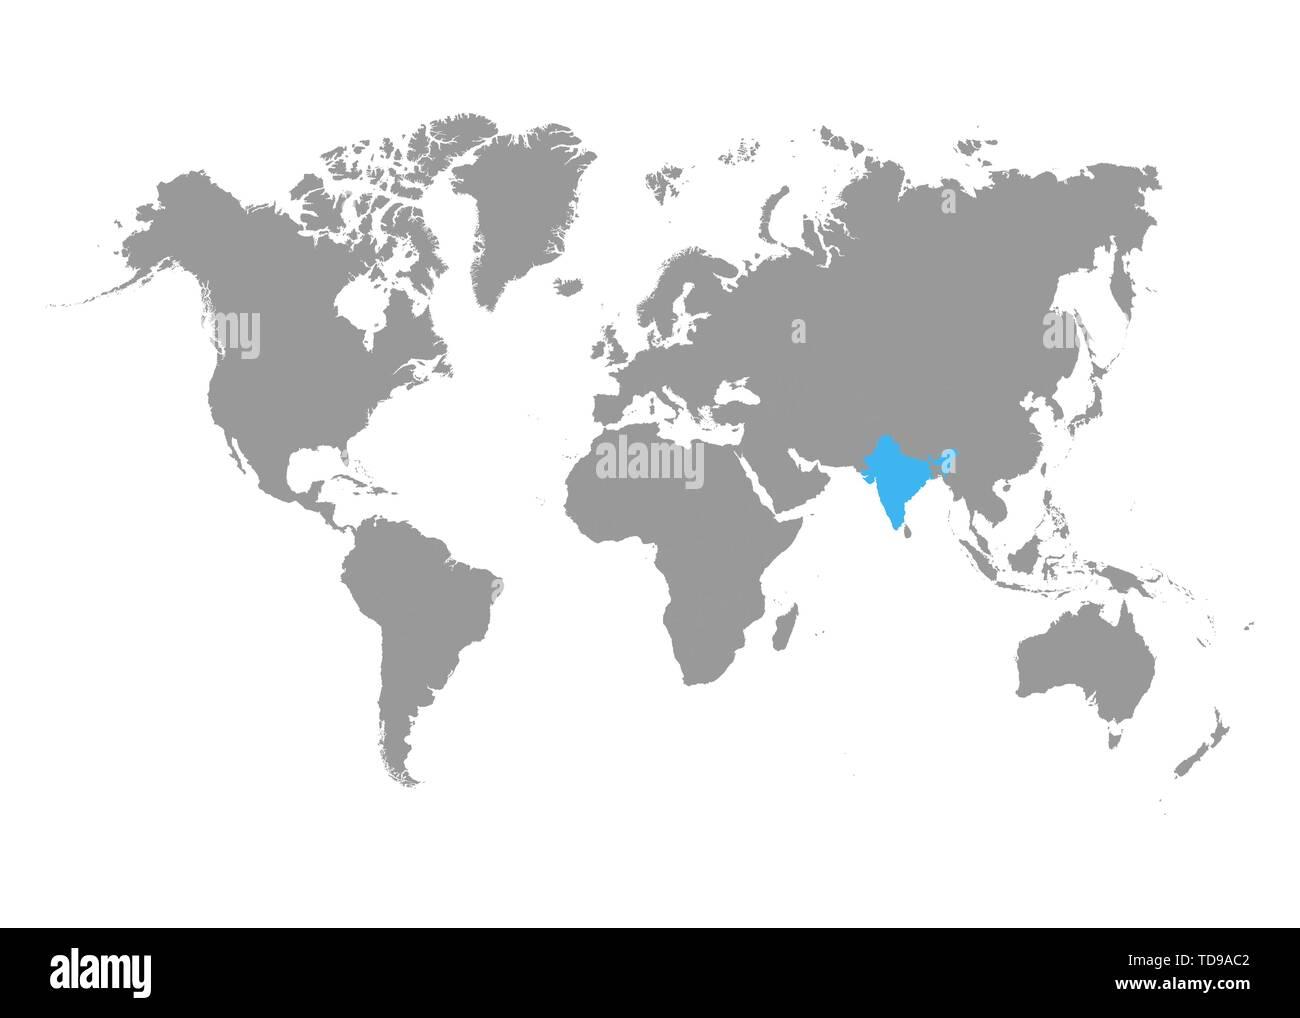 Mapa De La India En El Mundo.El Mapa De La India Esta Resaltada En Azul En El Mapa Del